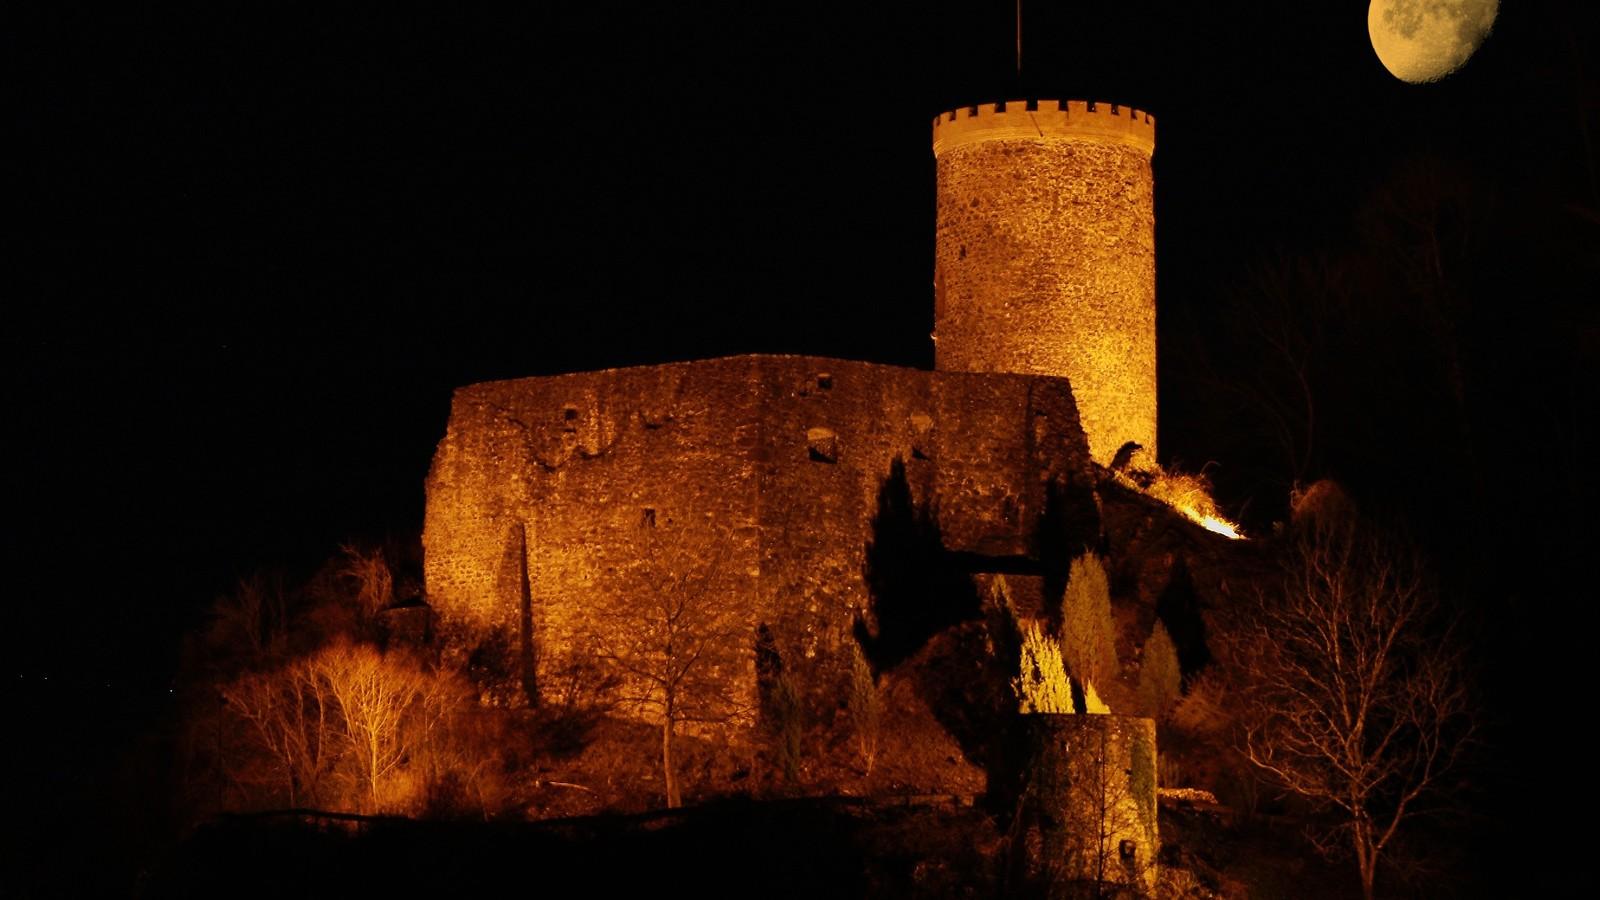 nächtliche Ansicht der Burg Husen in Hausach